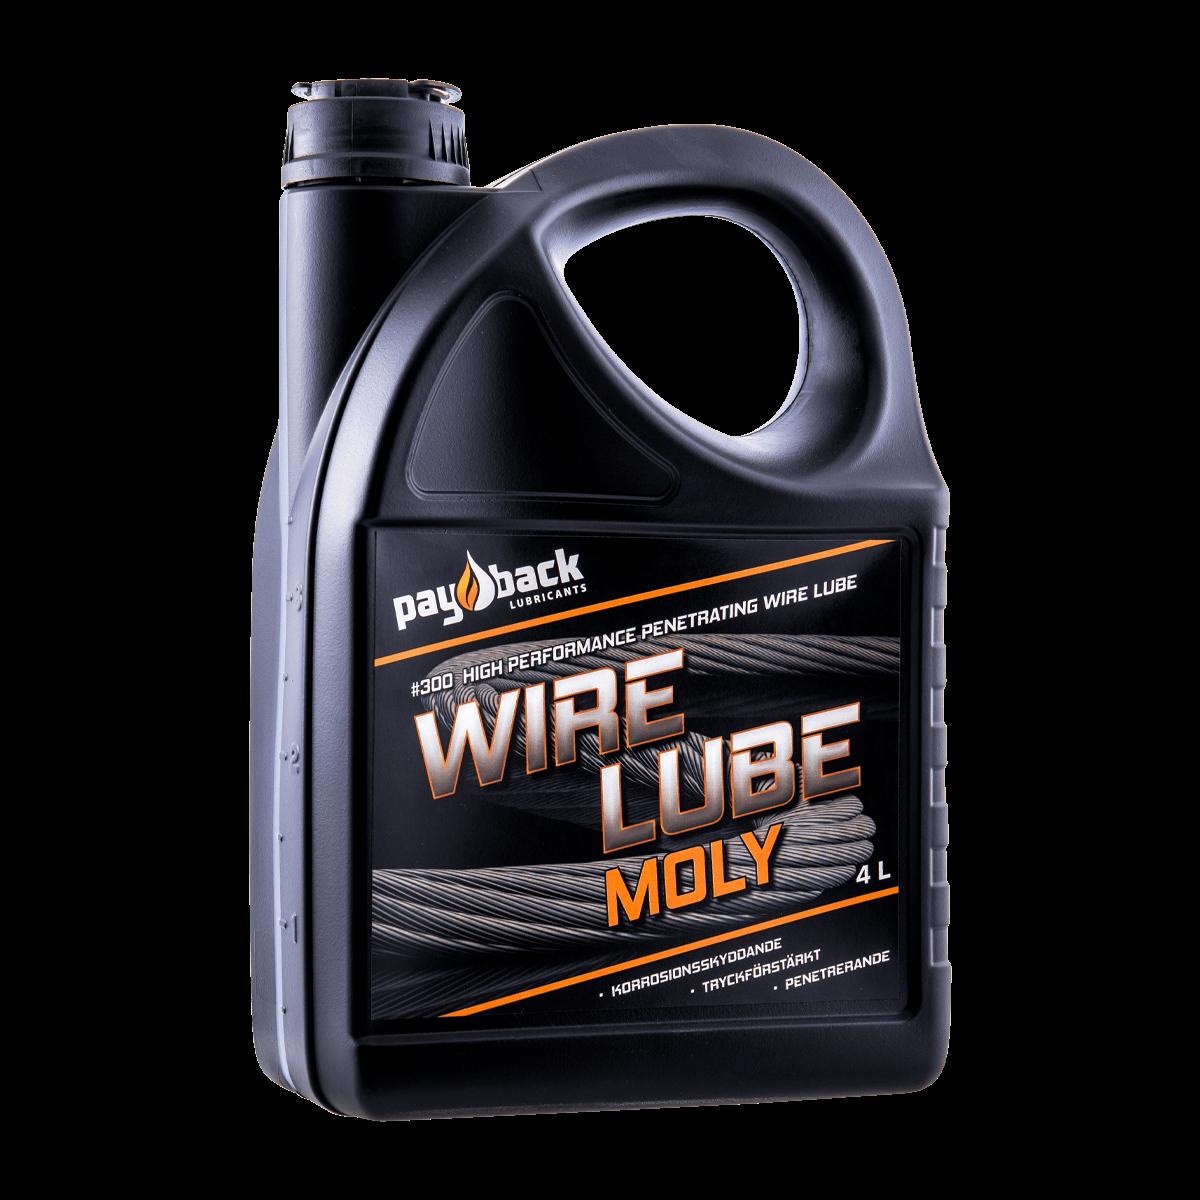 Högpresterande smörjmedel för slitage- och korrosionsskydd